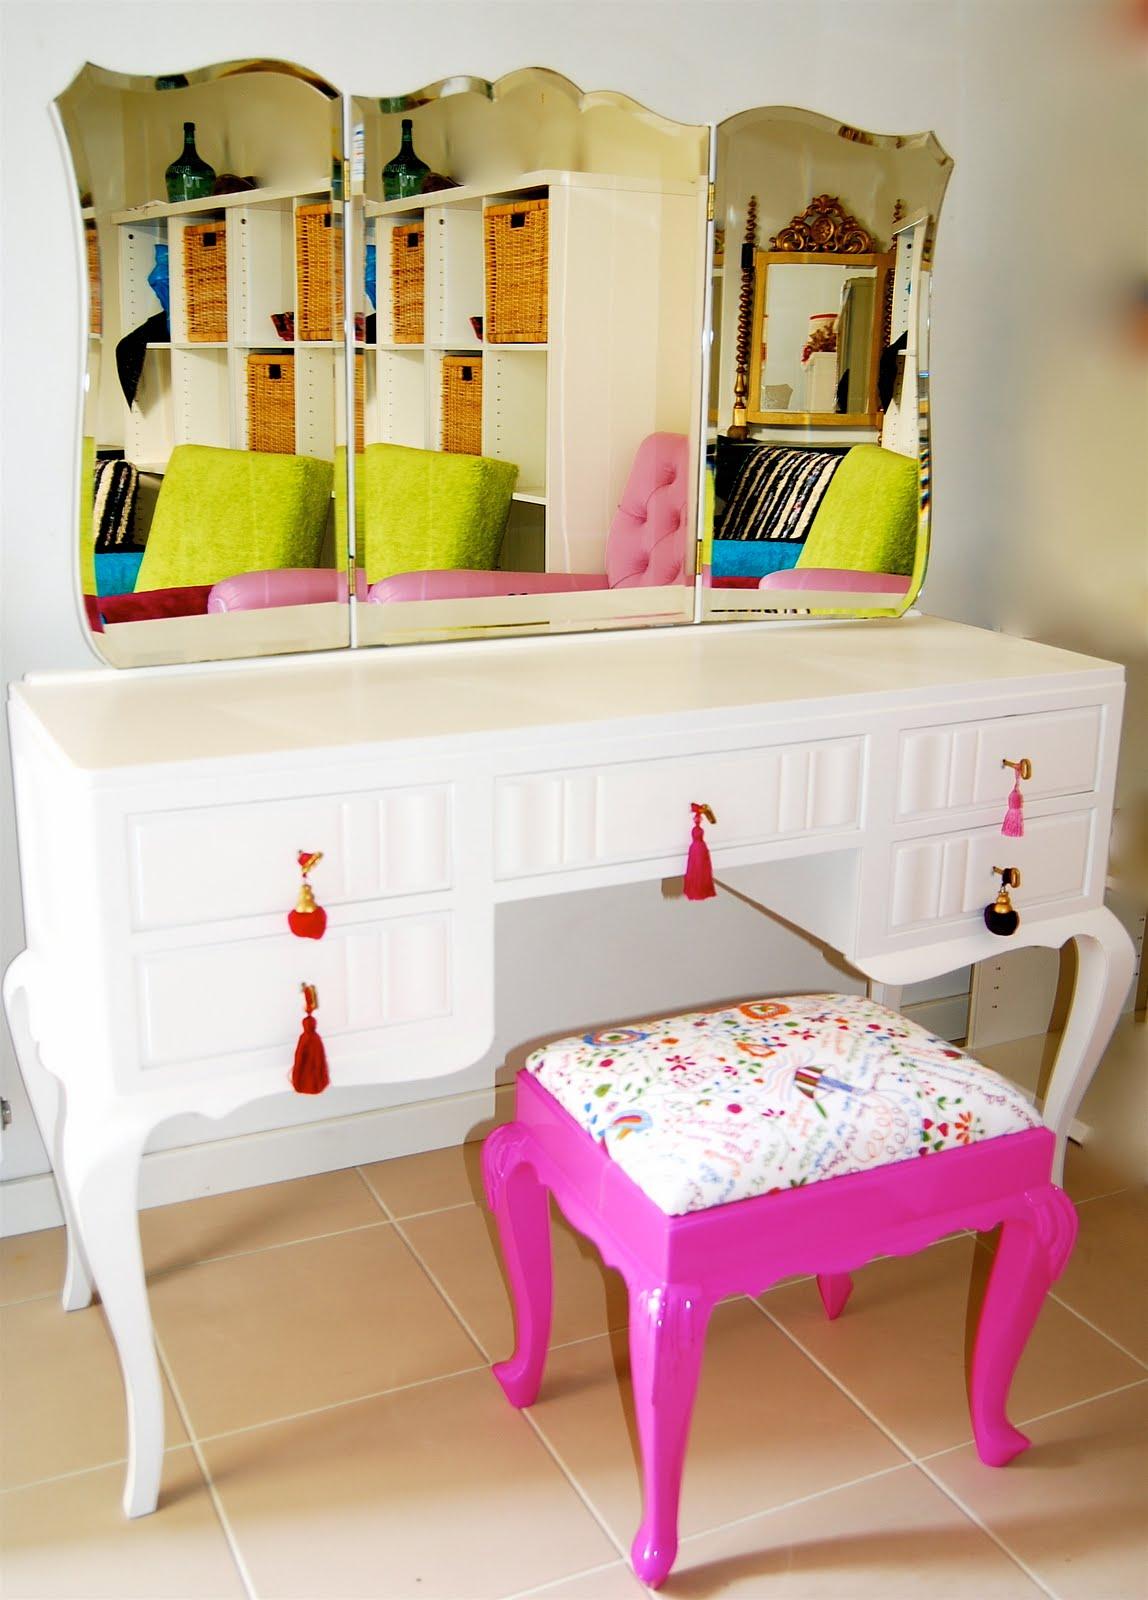 Construindo Minha Casa Clean: Penteadeiras Modernas e Vintage!!! Um  #AEAE1D 1148x1600